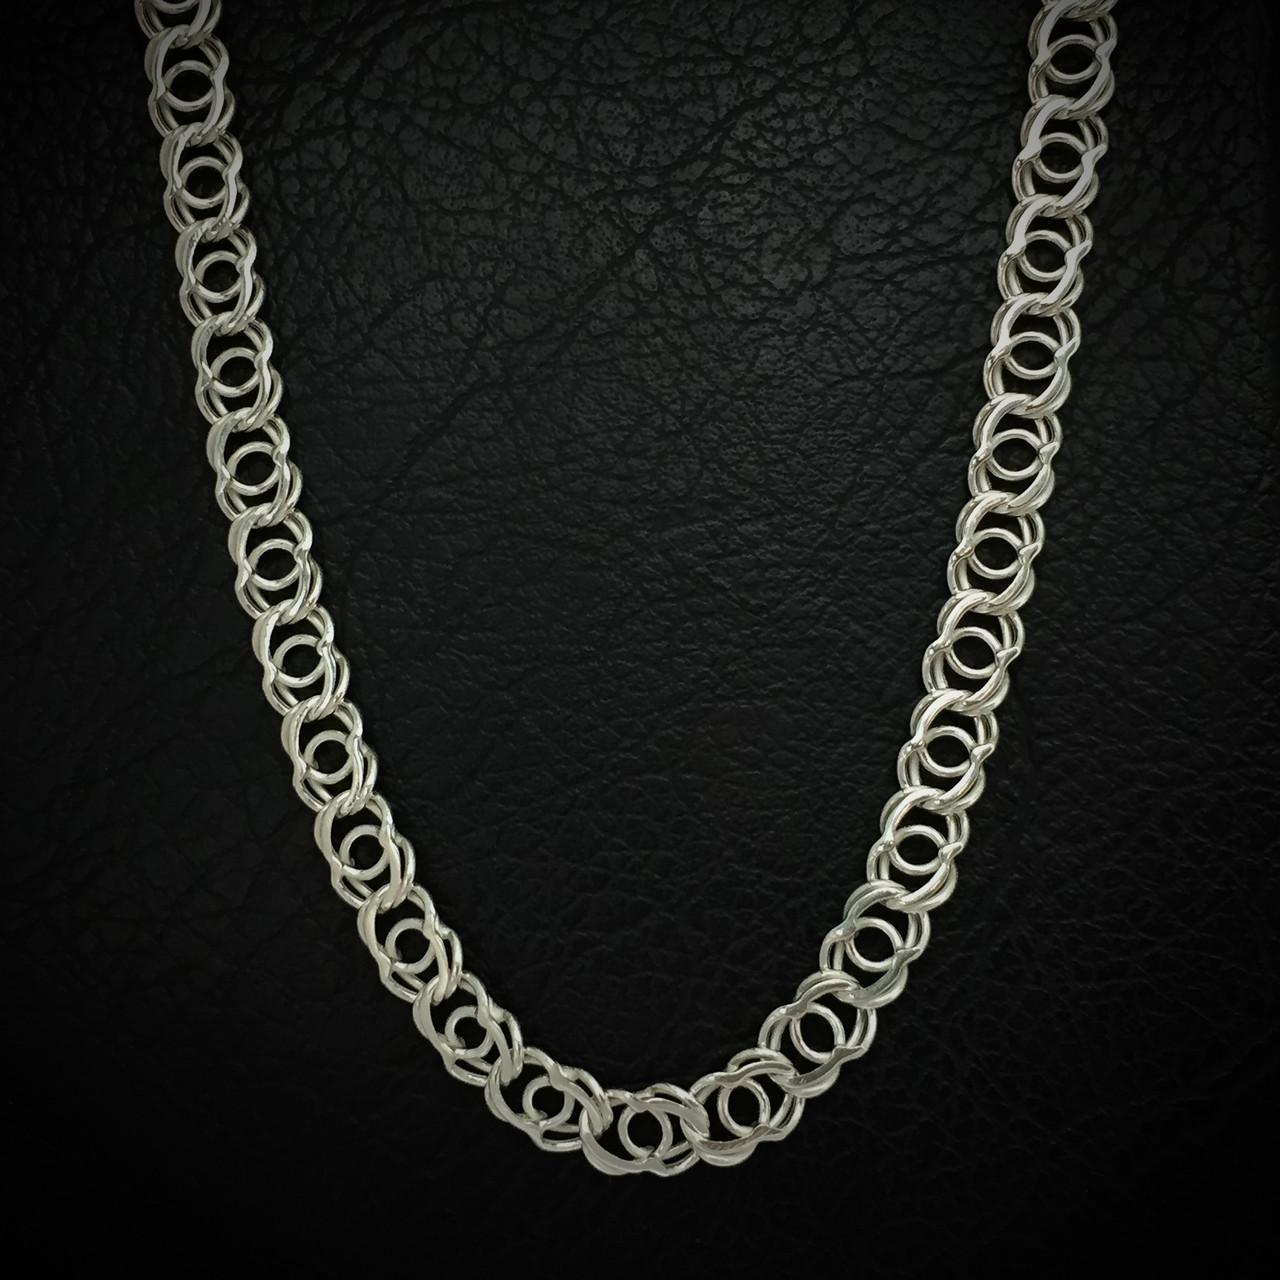 Срібна ланцюжок, 550мм, 18 грам, Арабська бісмарк, світле срібло